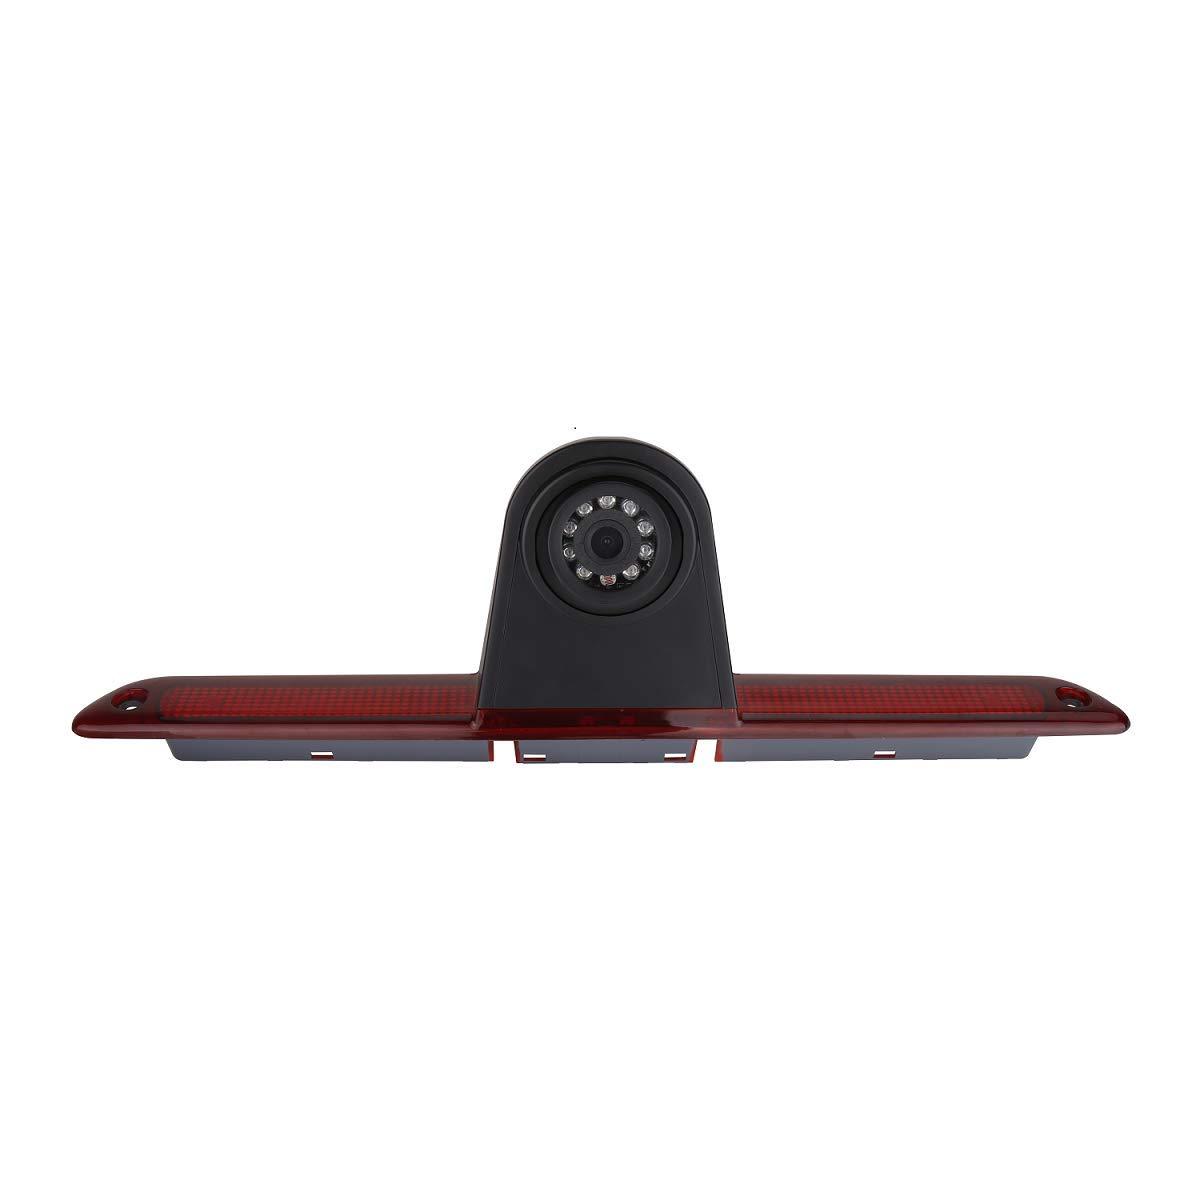 Telecamera Retromarcia Specifico Per Furgone Con Luci Led Terzo Stop Posteriore per Transporter Mercedes Sprinter W906 2007-2018//VW Crafter 2007-2016